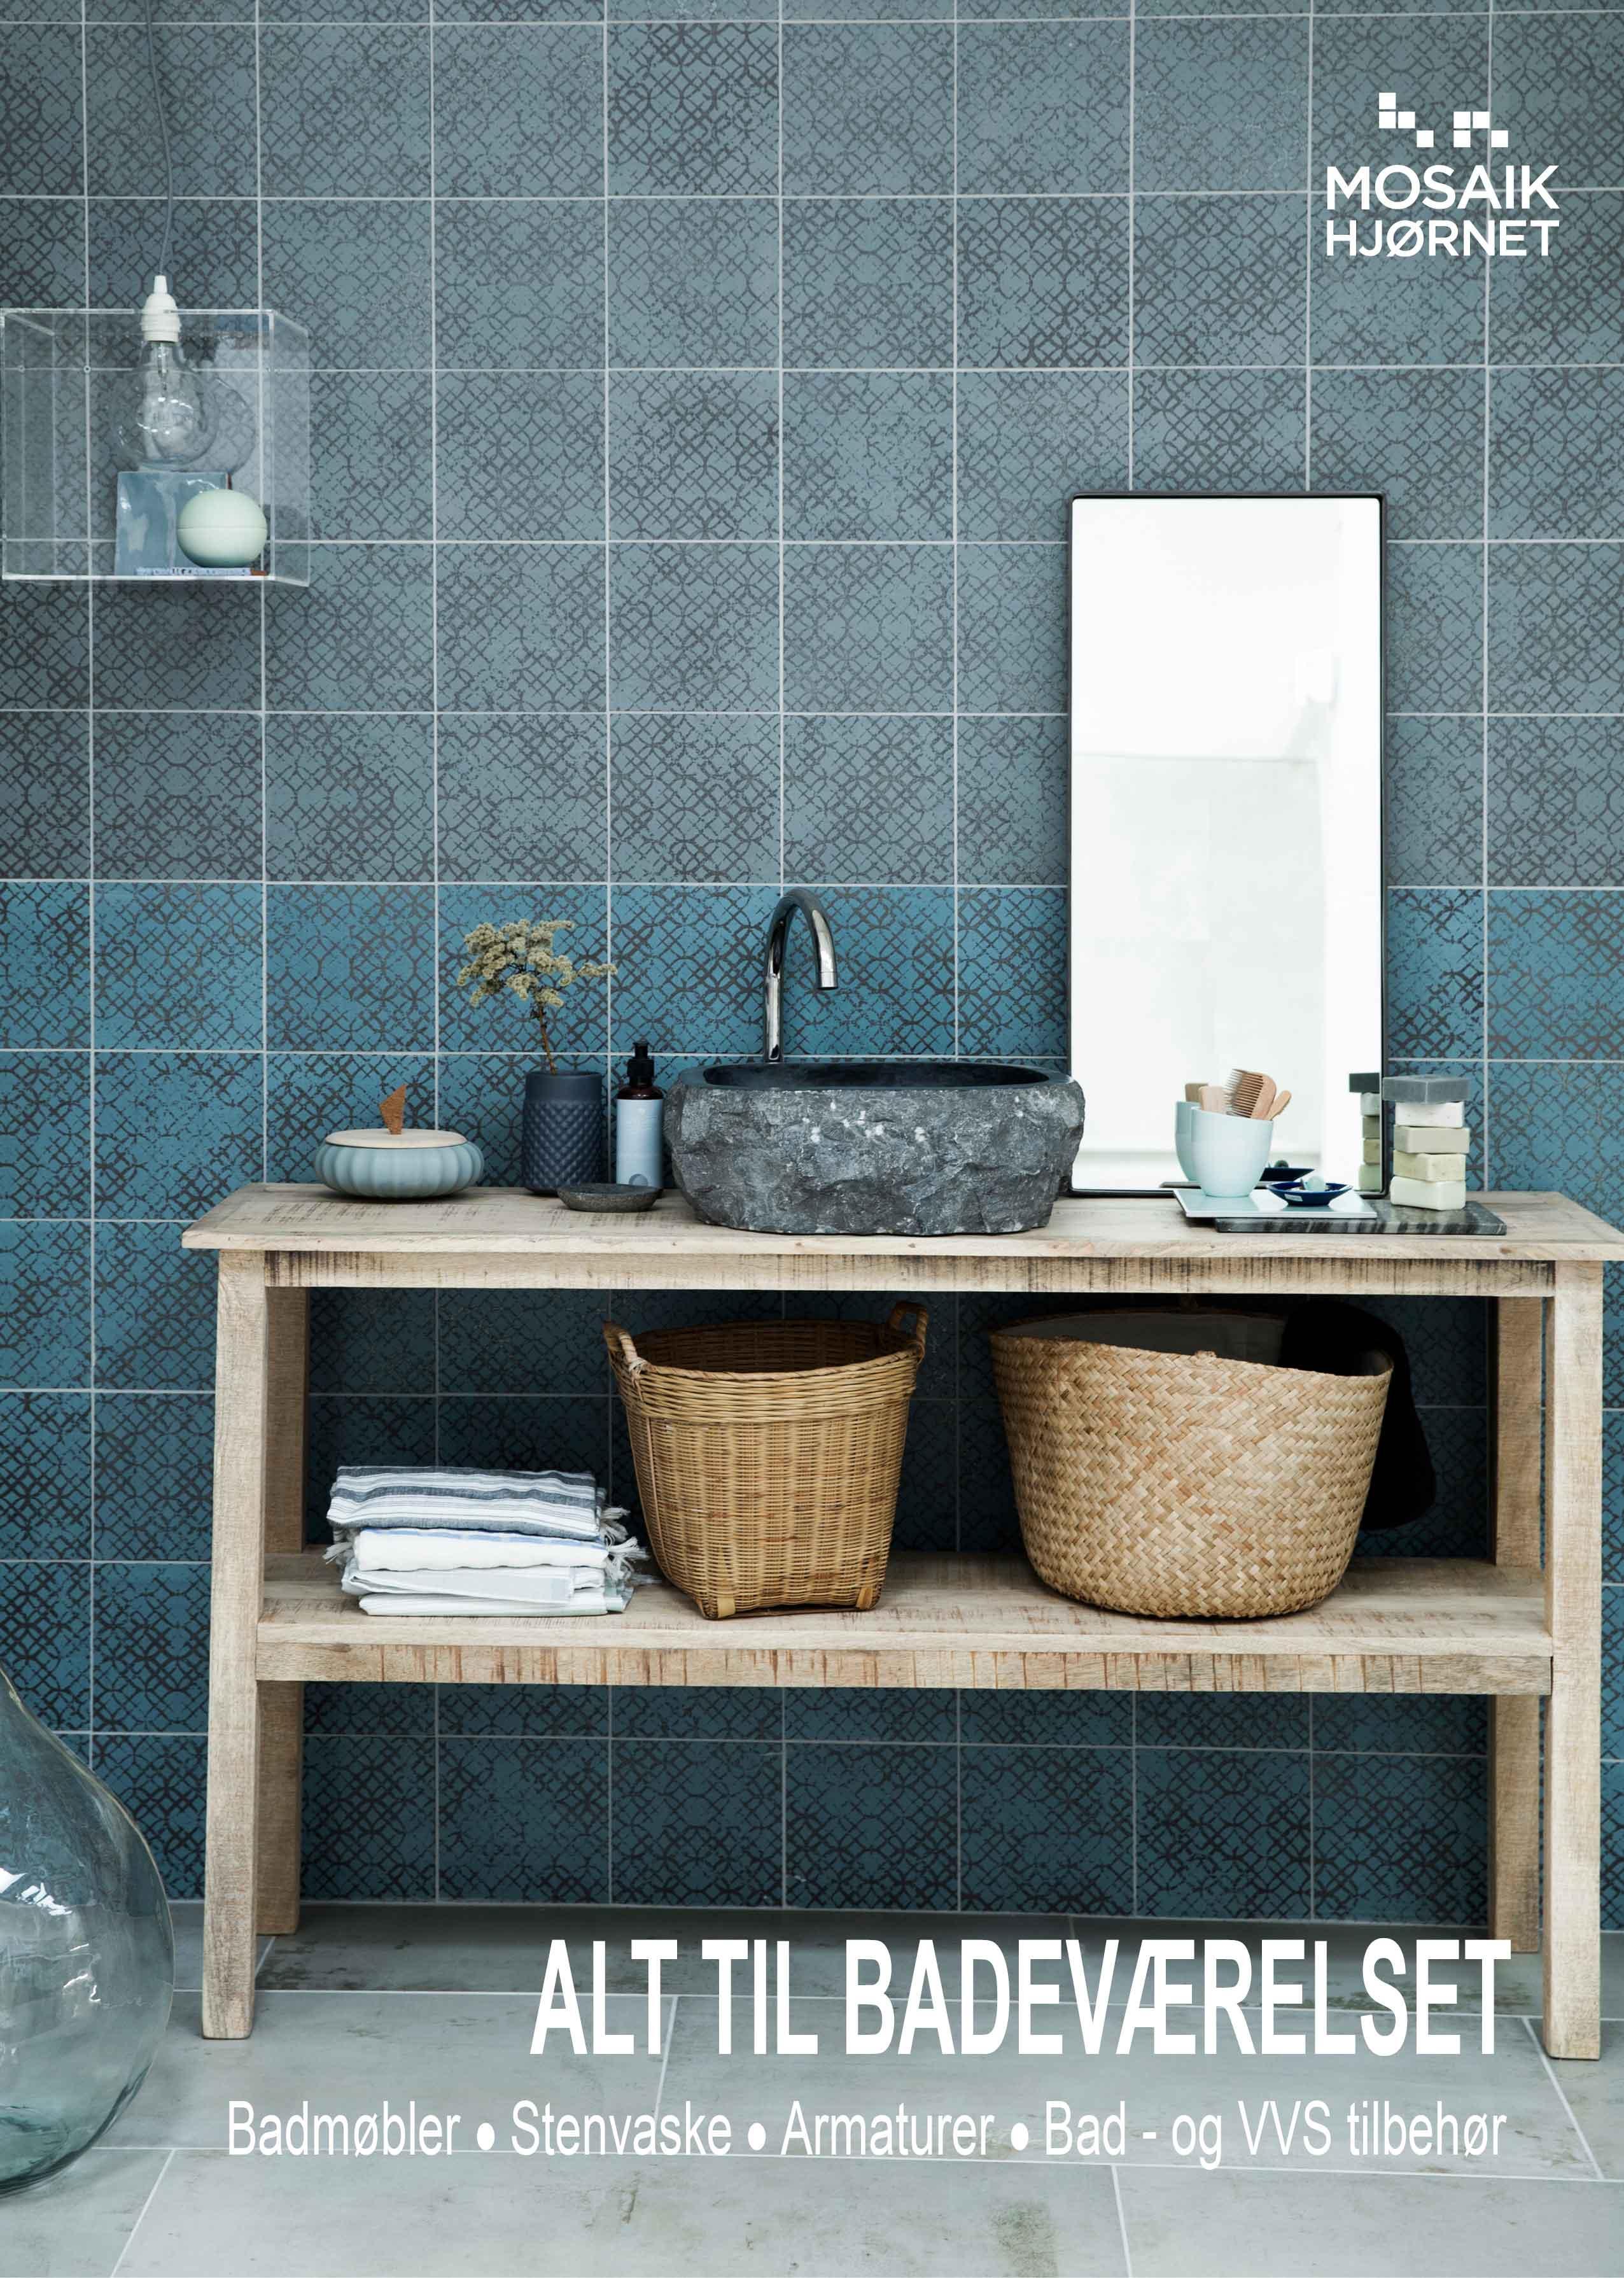 Metrofliser både til badeværelses  og køkkenindretning se her